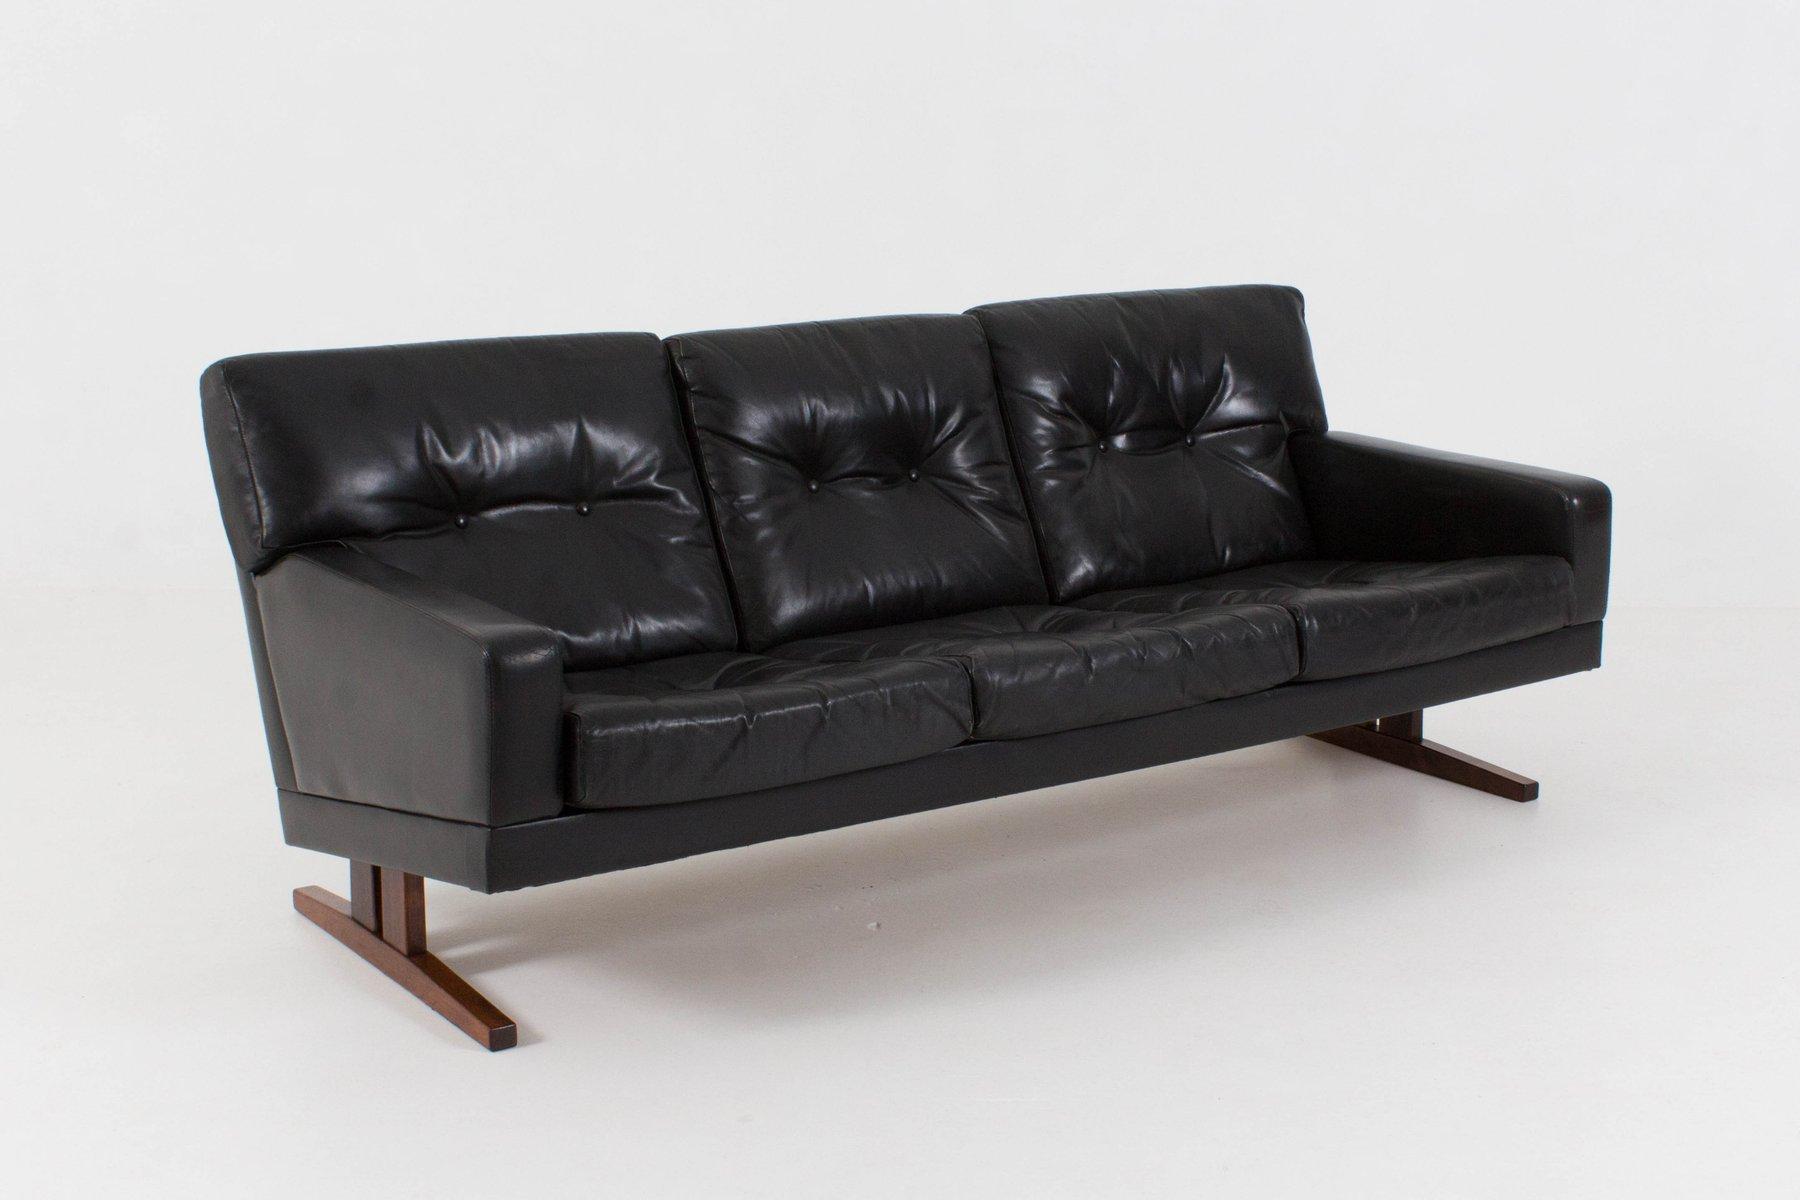 canap trois places en cuir danemark 1960s en vente sur pamono. Black Bedroom Furniture Sets. Home Design Ideas